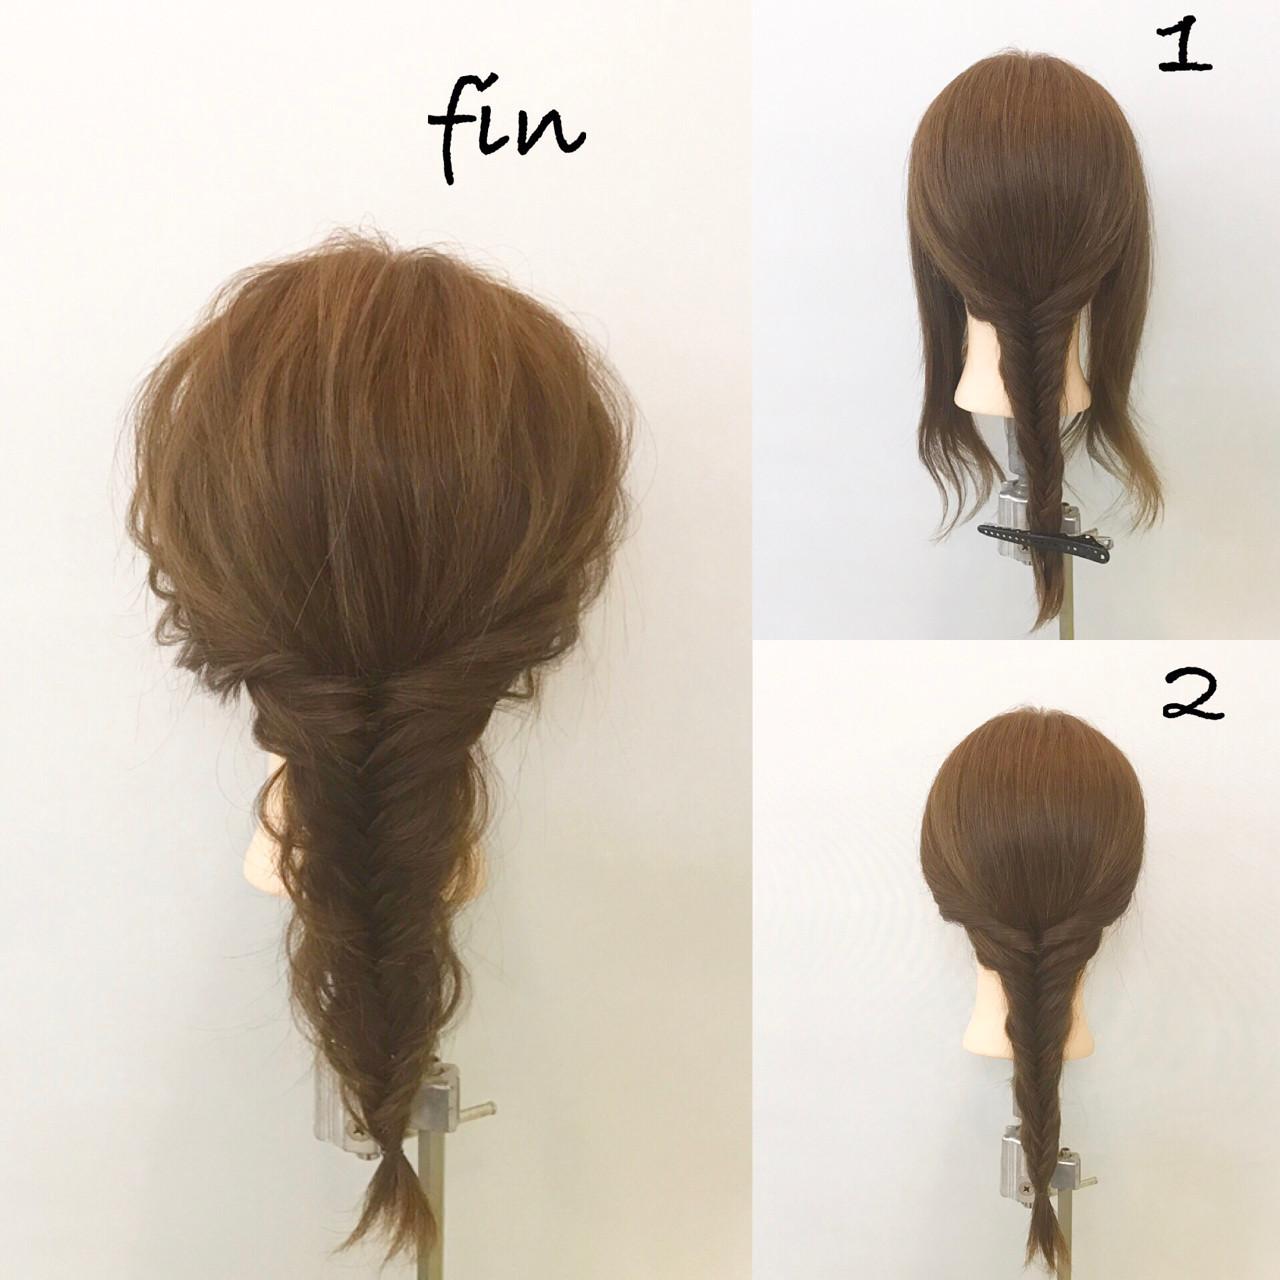 自分の髪型を大変身!簡単にできちゃう可愛いヘアアレンジ方法♡ 新谷 朋宏